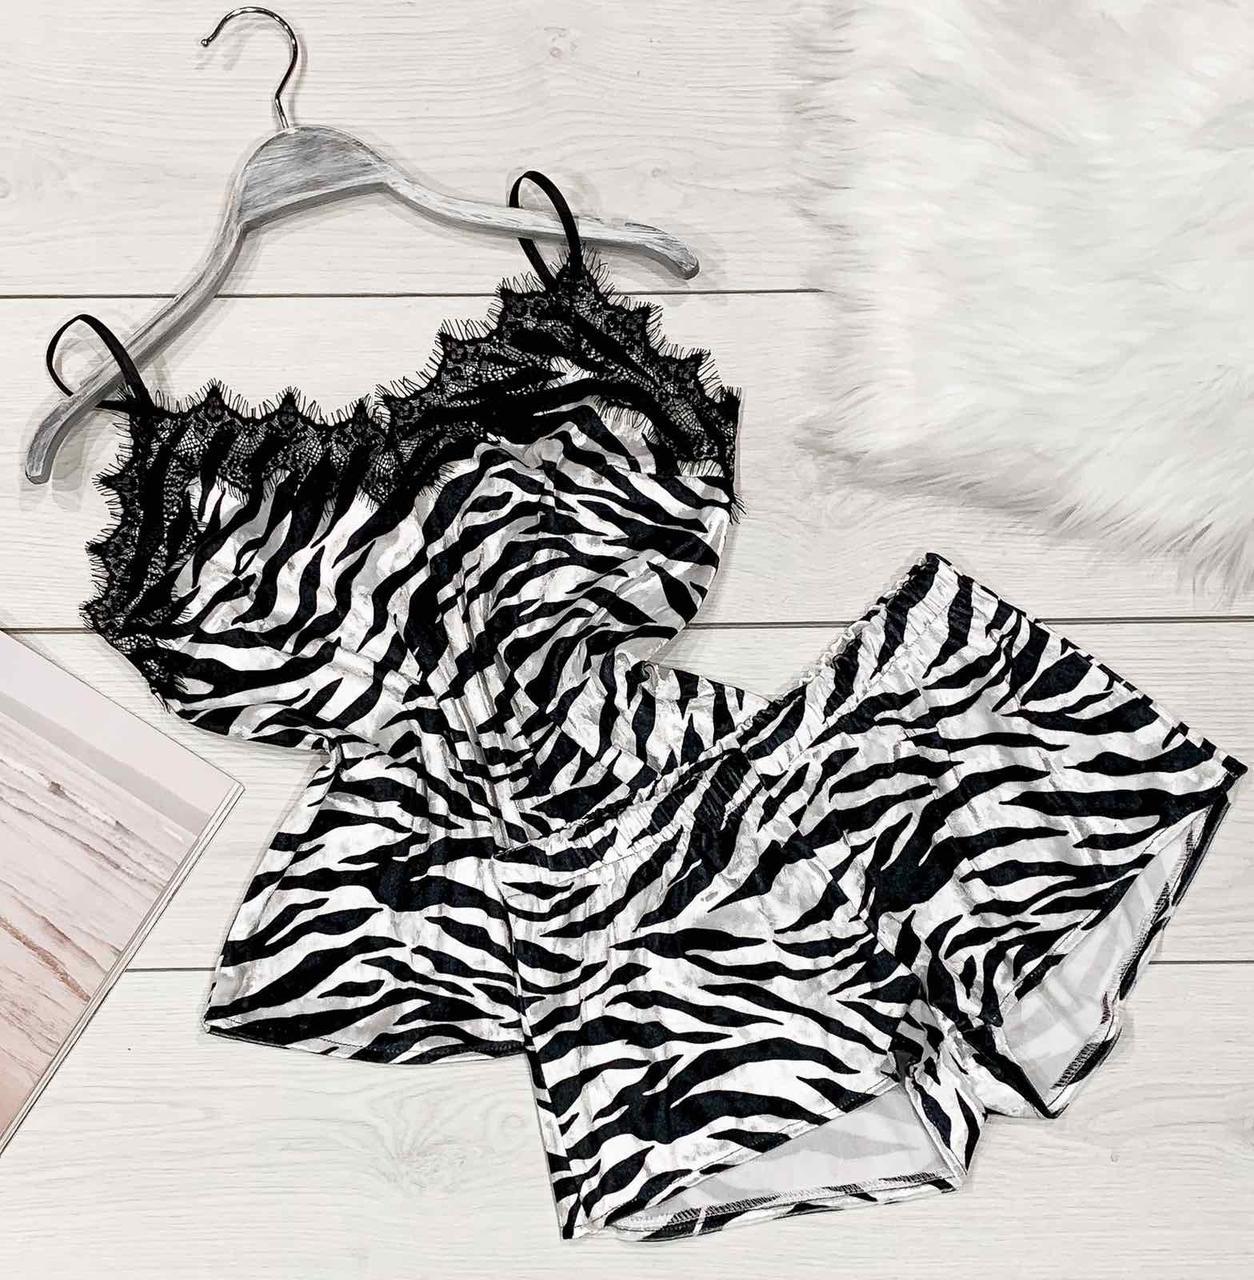 Велюрова піжама з мереживом 038 -зебра, піжами жіночі.